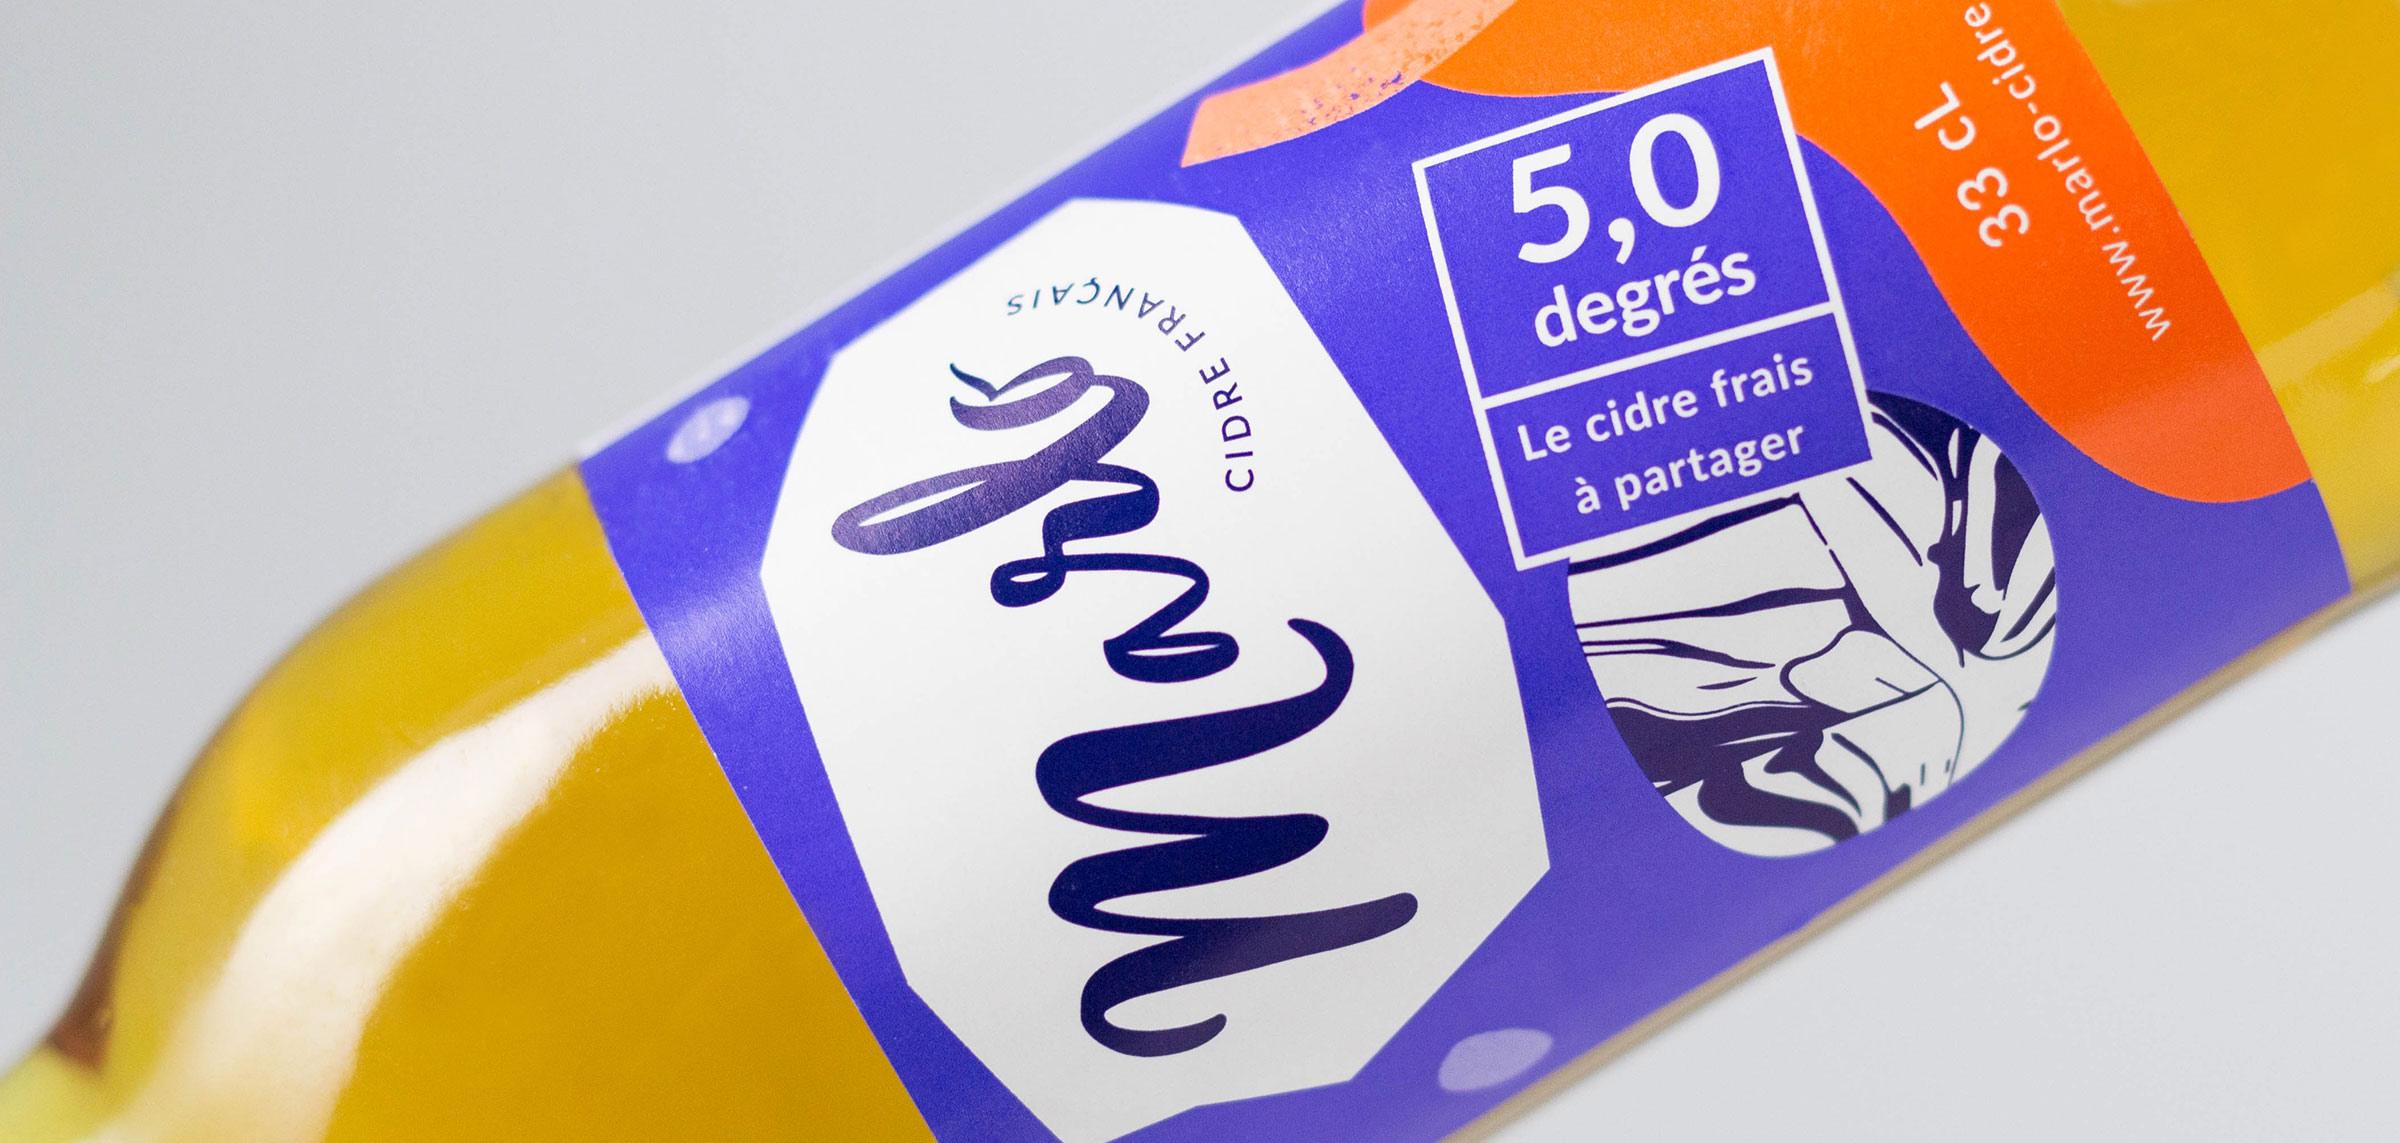 Marlo detail étiquette bouteille cidre